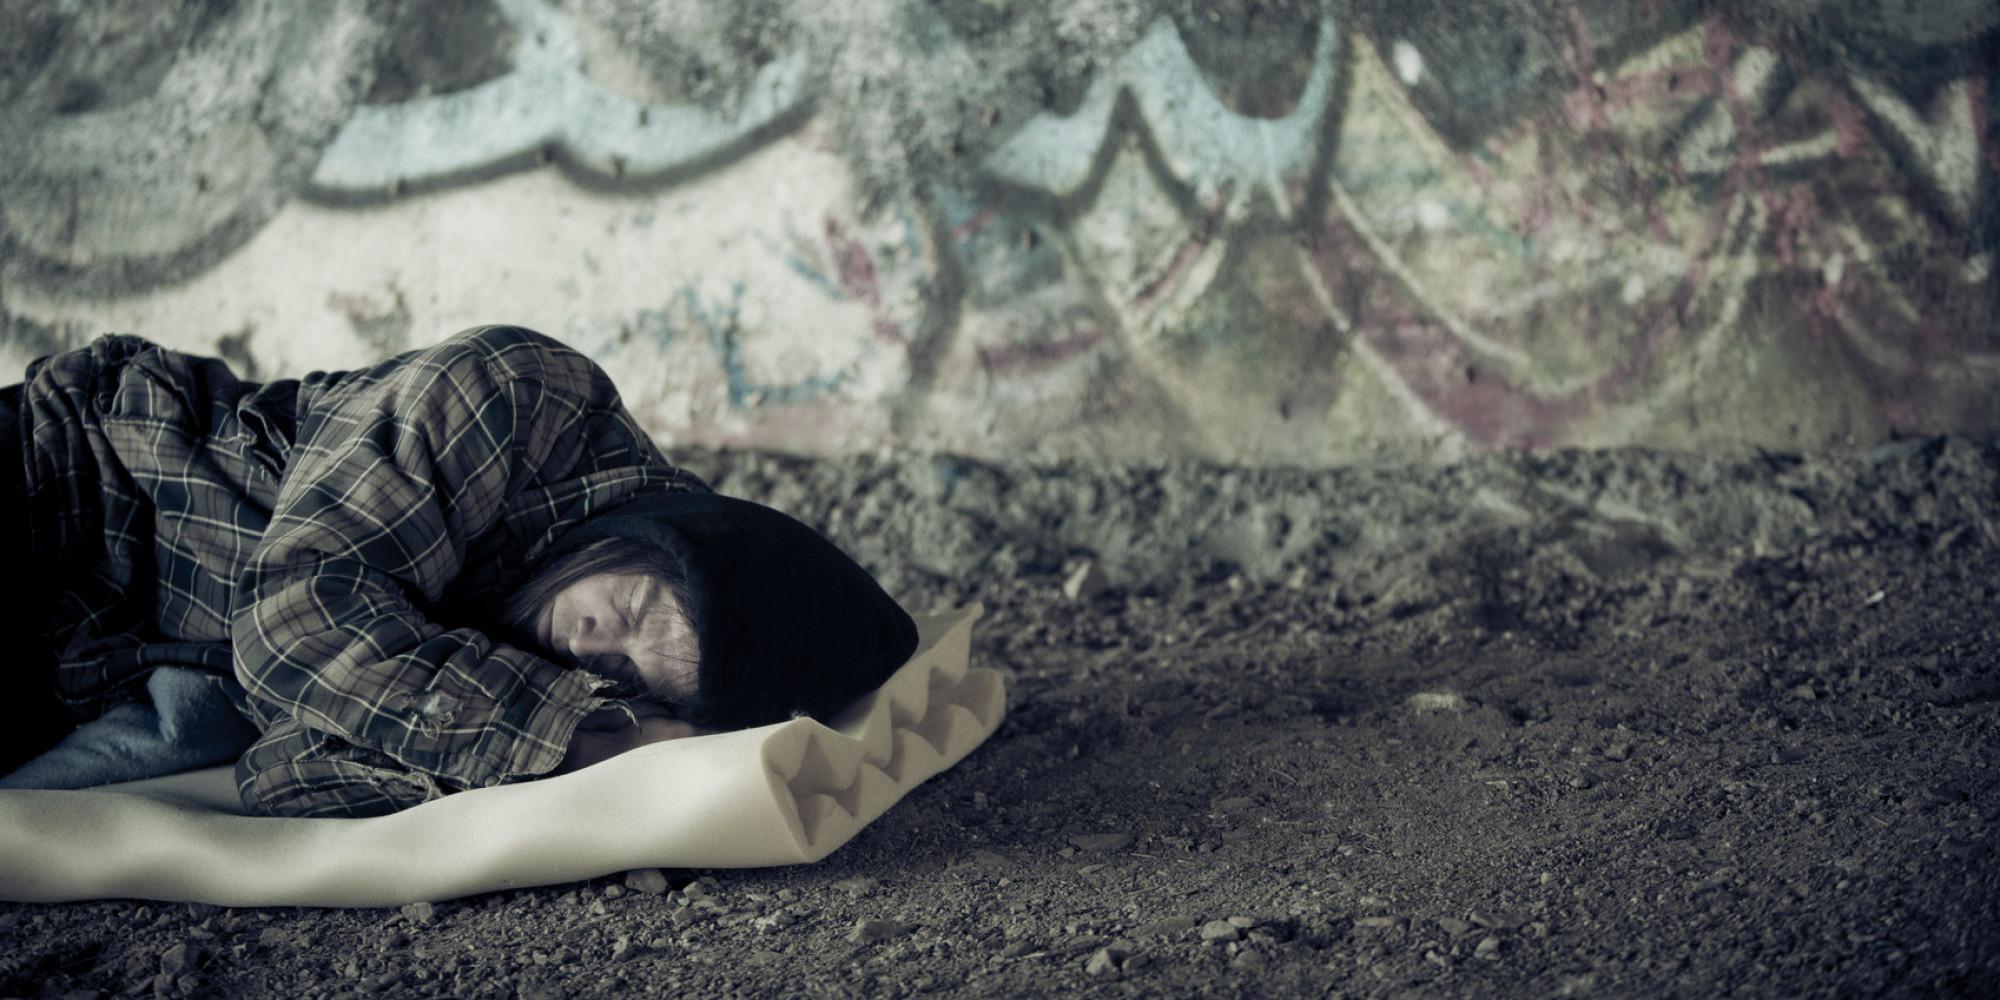 Leben auf der Straße: Ich weiß, dass Zelte angezündet werden und bereite mich immer auf das Schlimmste vor